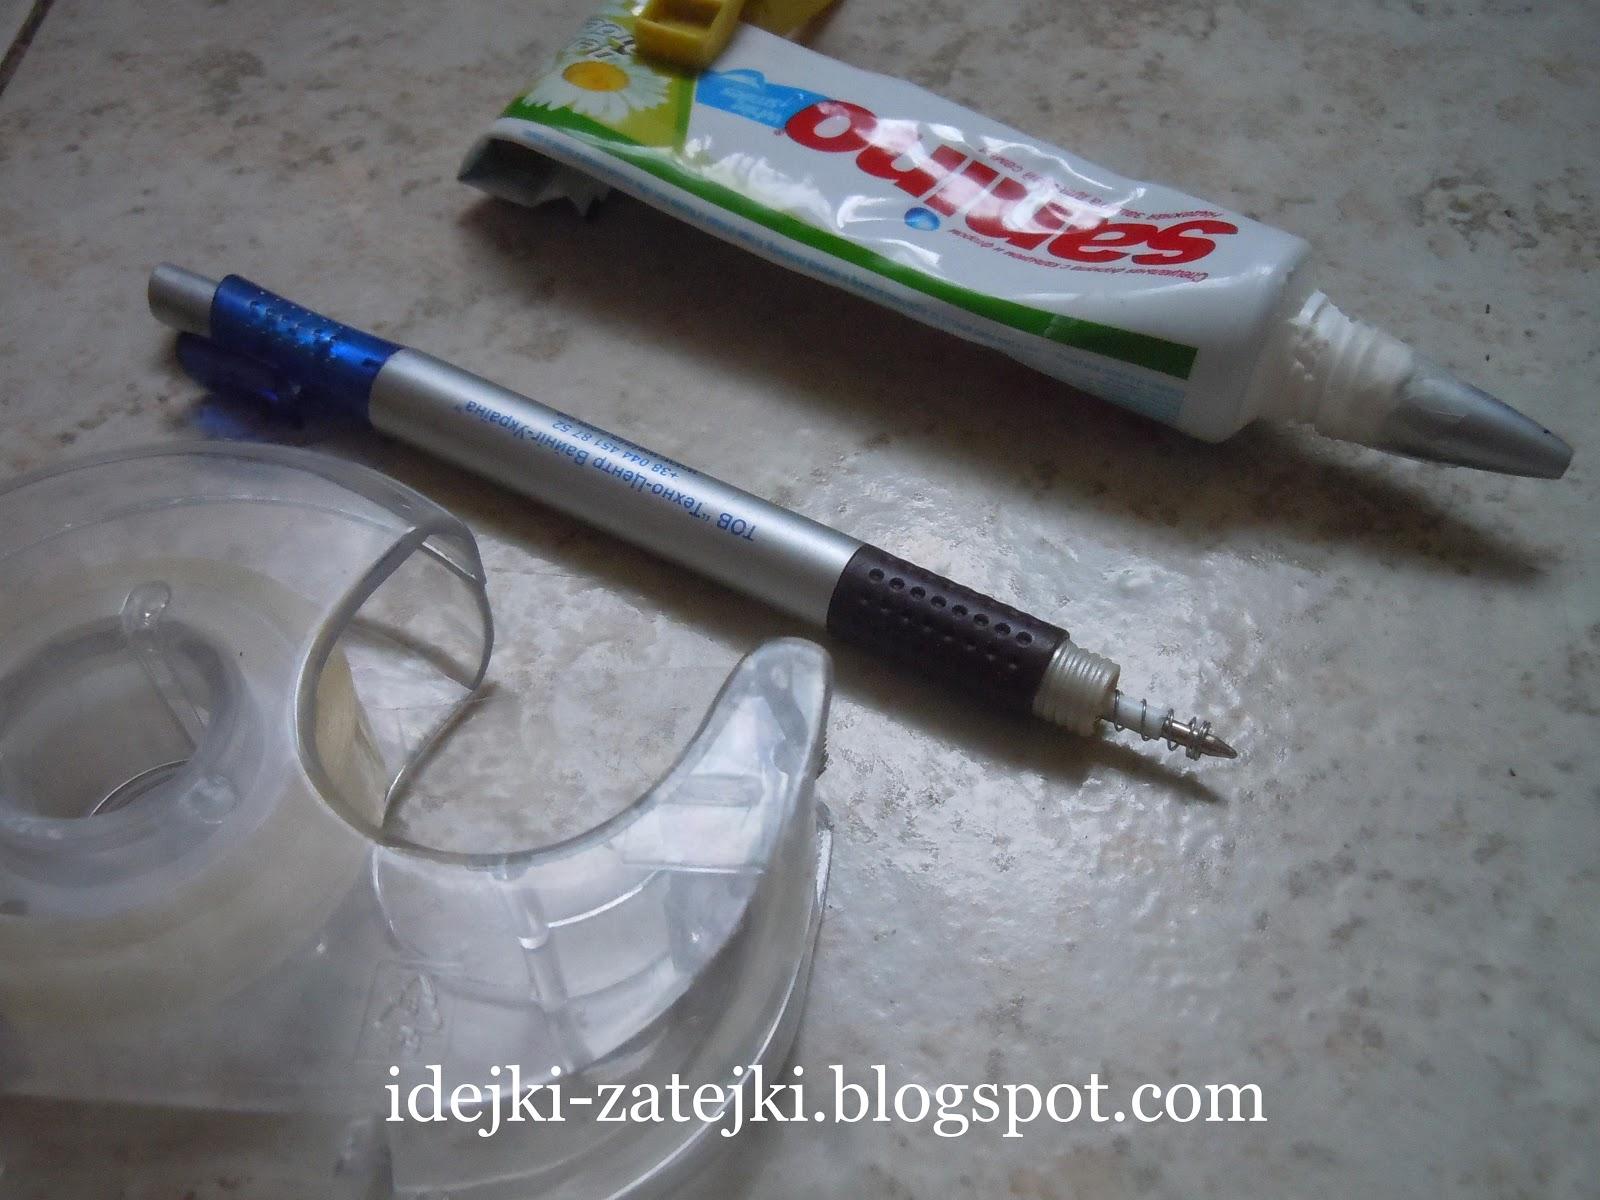 Поделки из зубной пасты фото